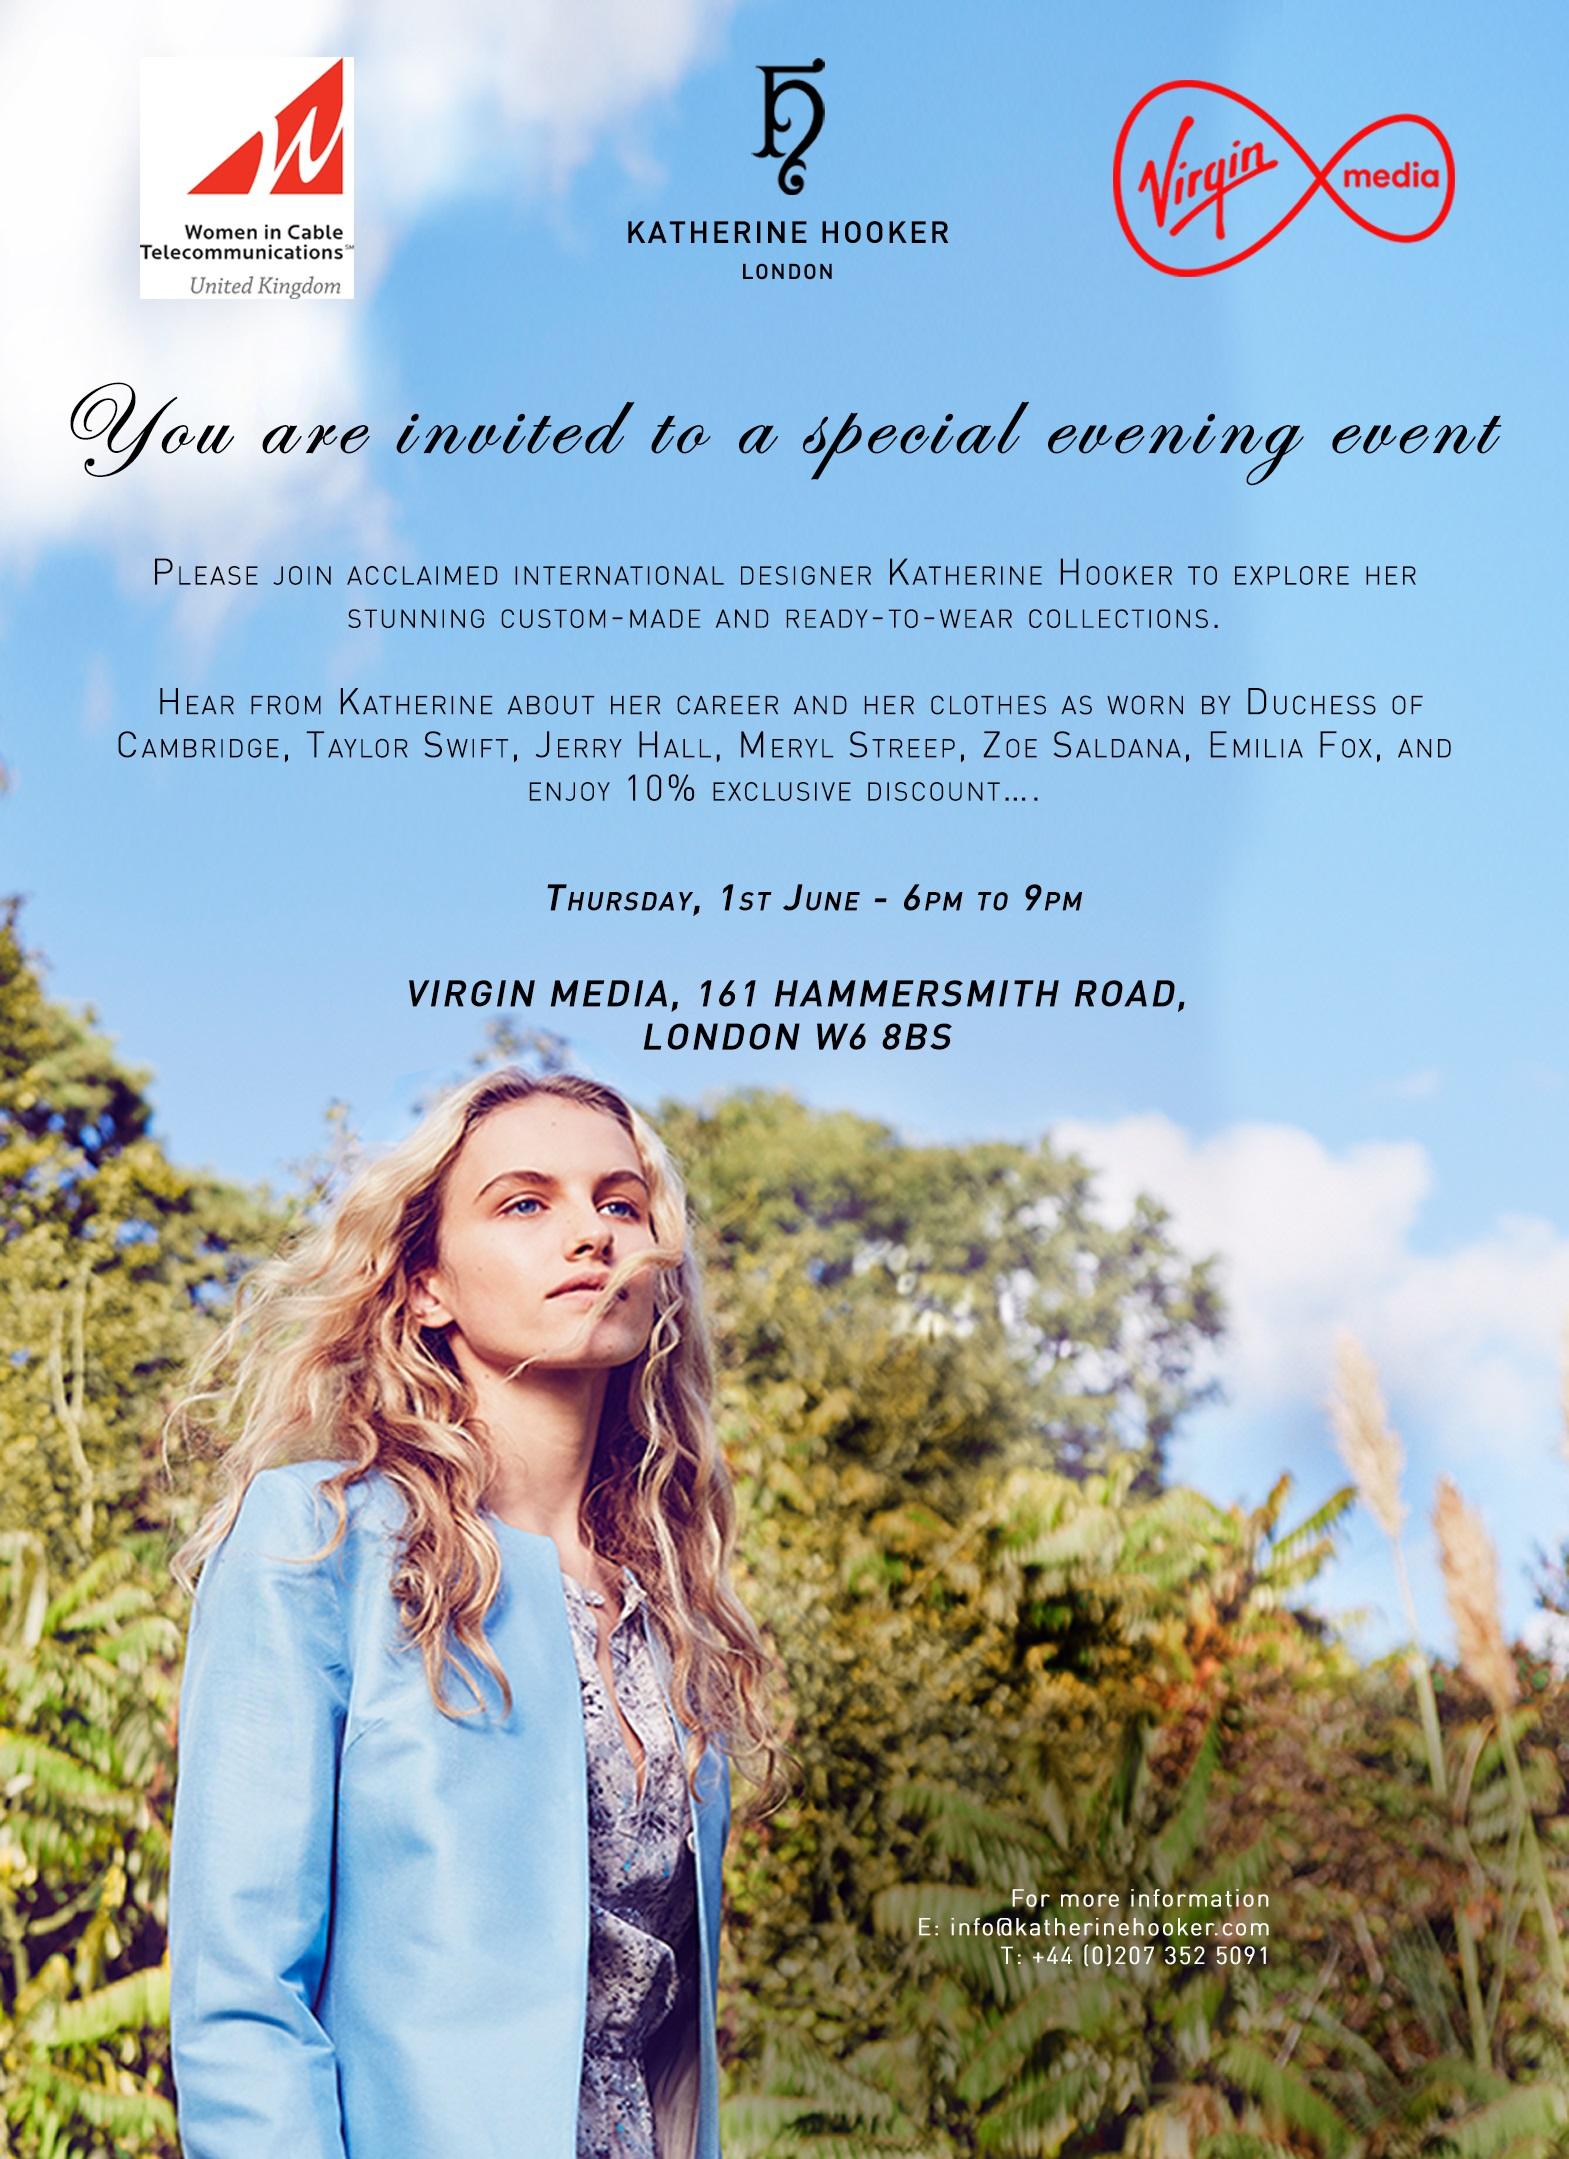 Event invite poster